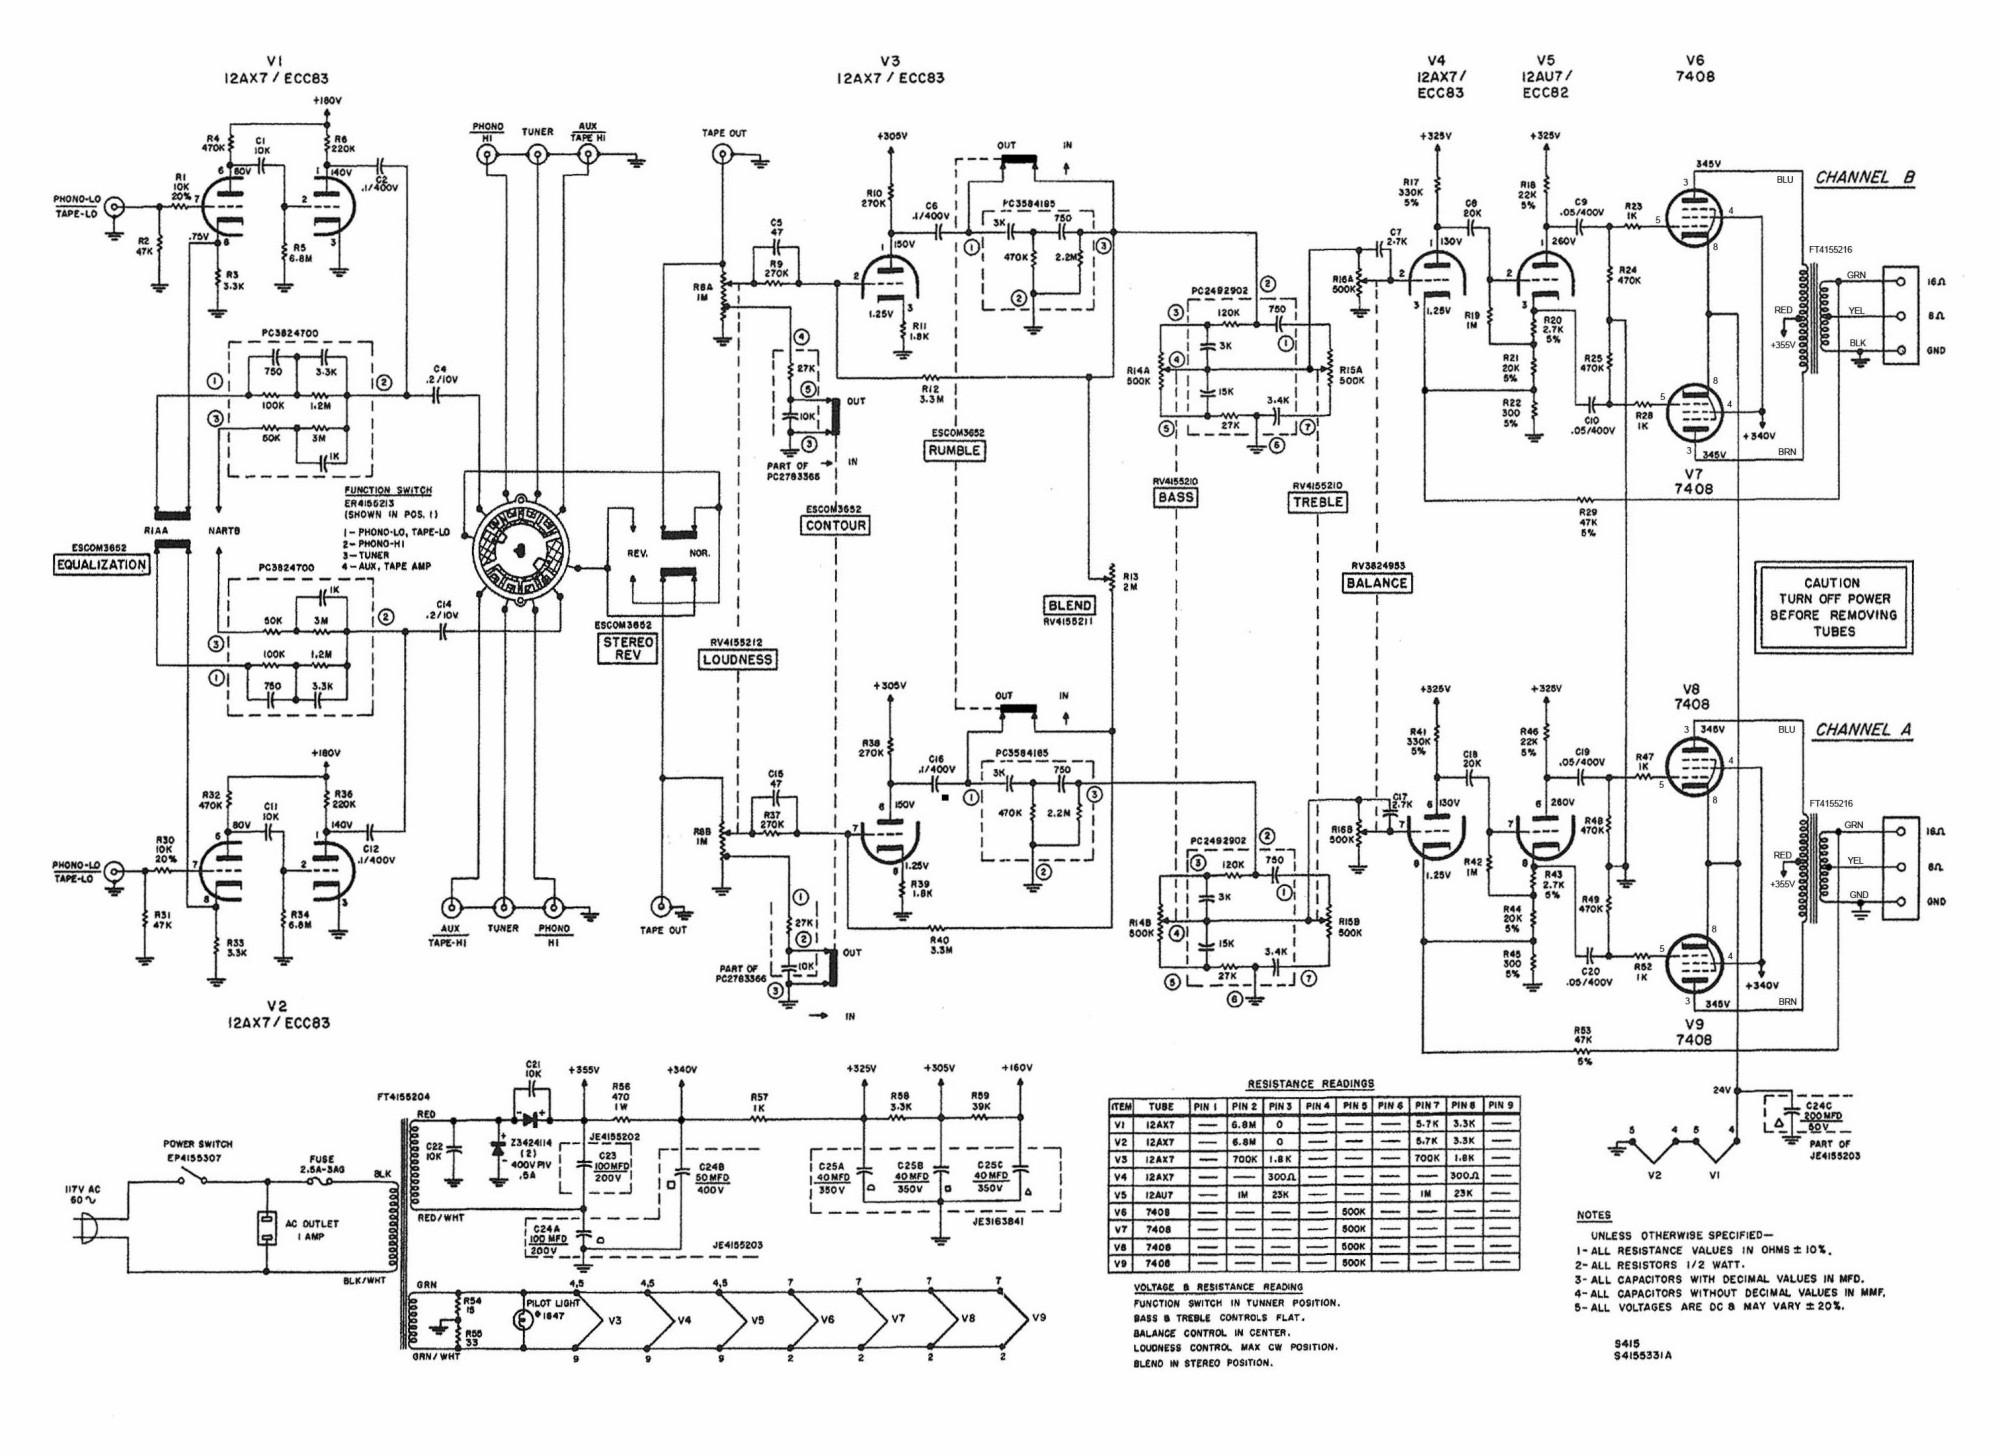 harman kardon amplifier wiring diagram